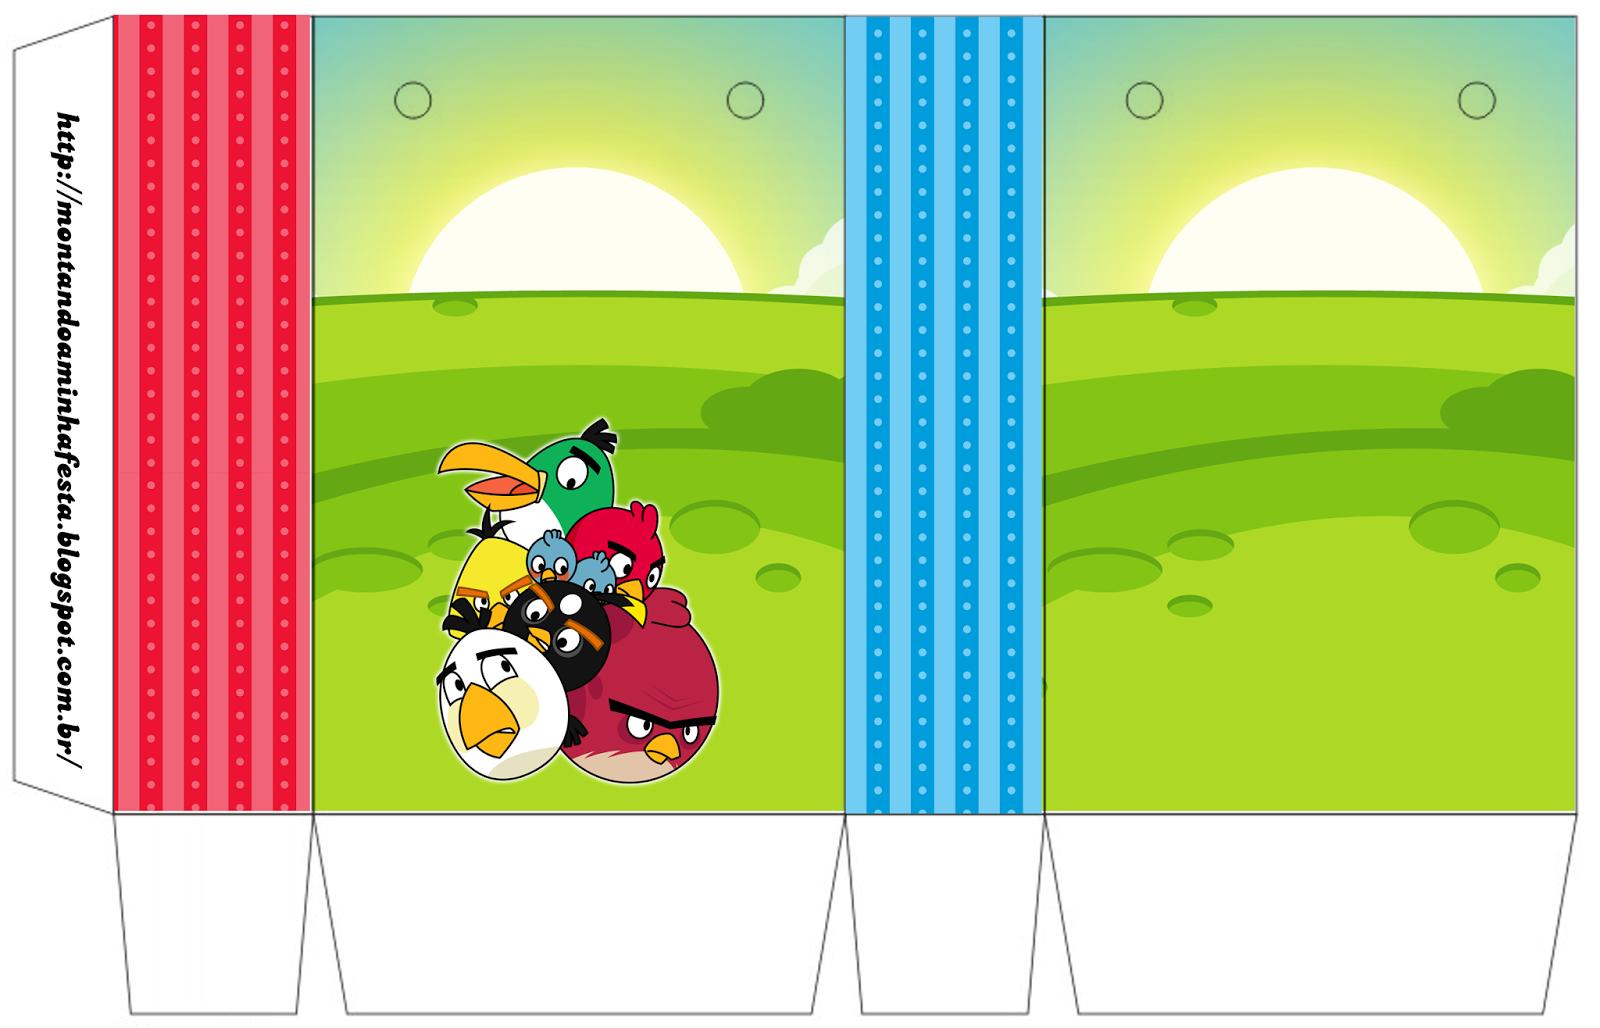 Cajas de Cumpleaños de Angry Birds para imprimir gratis.